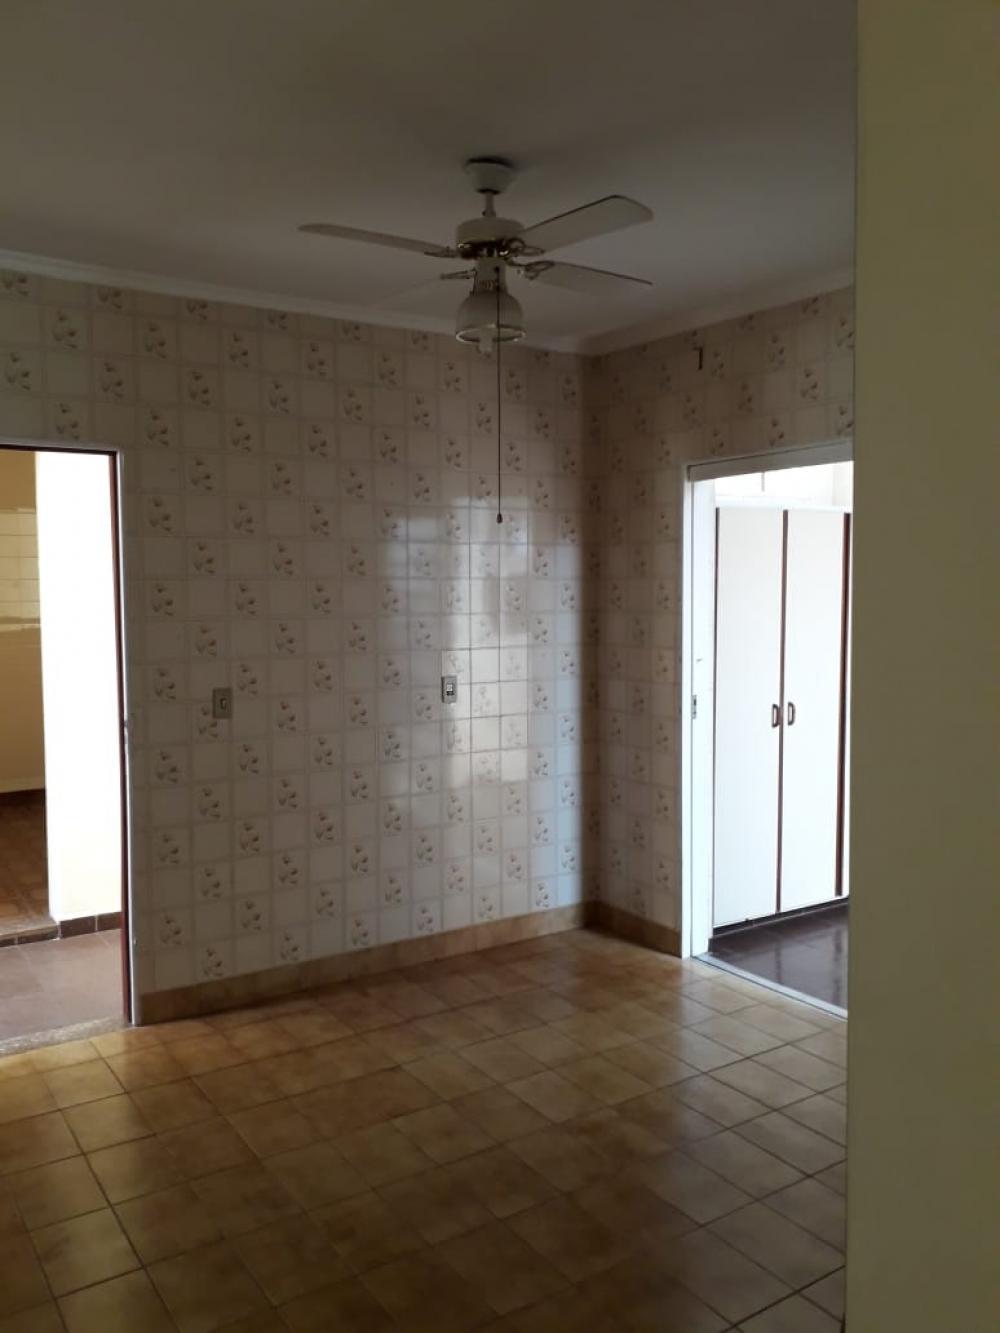 Comprar Casa / Padrão em Ribeirão Preto R$ 425.000,00 - Foto 2